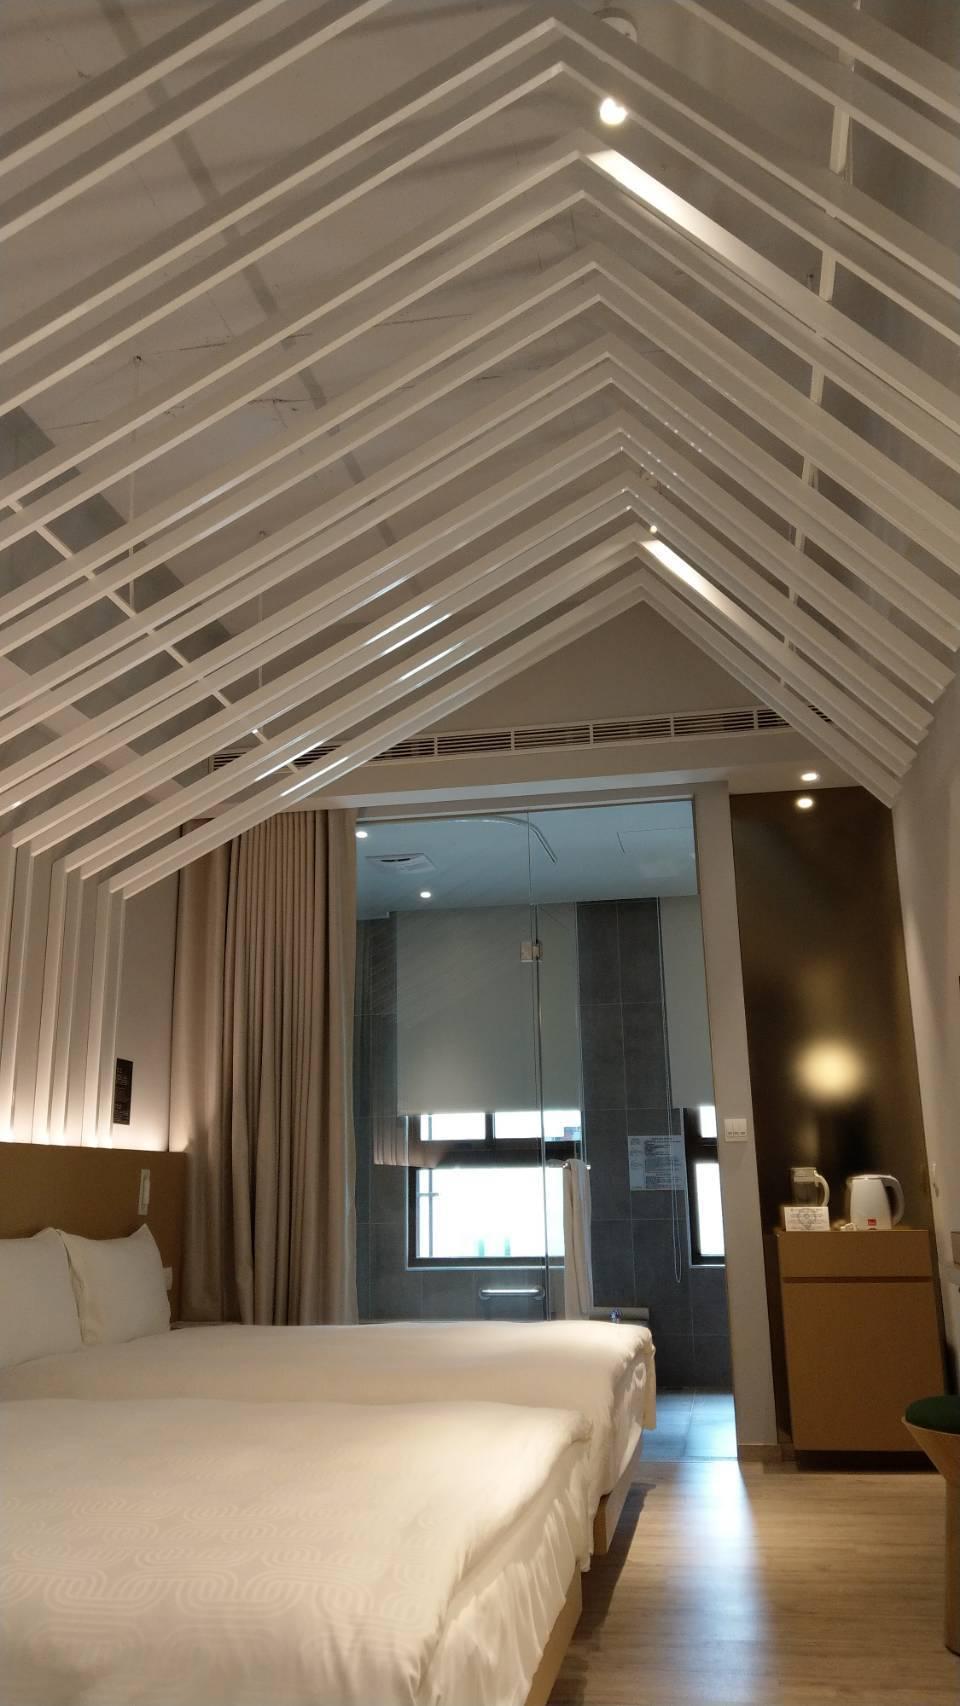 雲朗集團進駐礁溪的新飯店品文旅「溫室房」,採挑高式建築,想像自己入住白色溫室裡。...